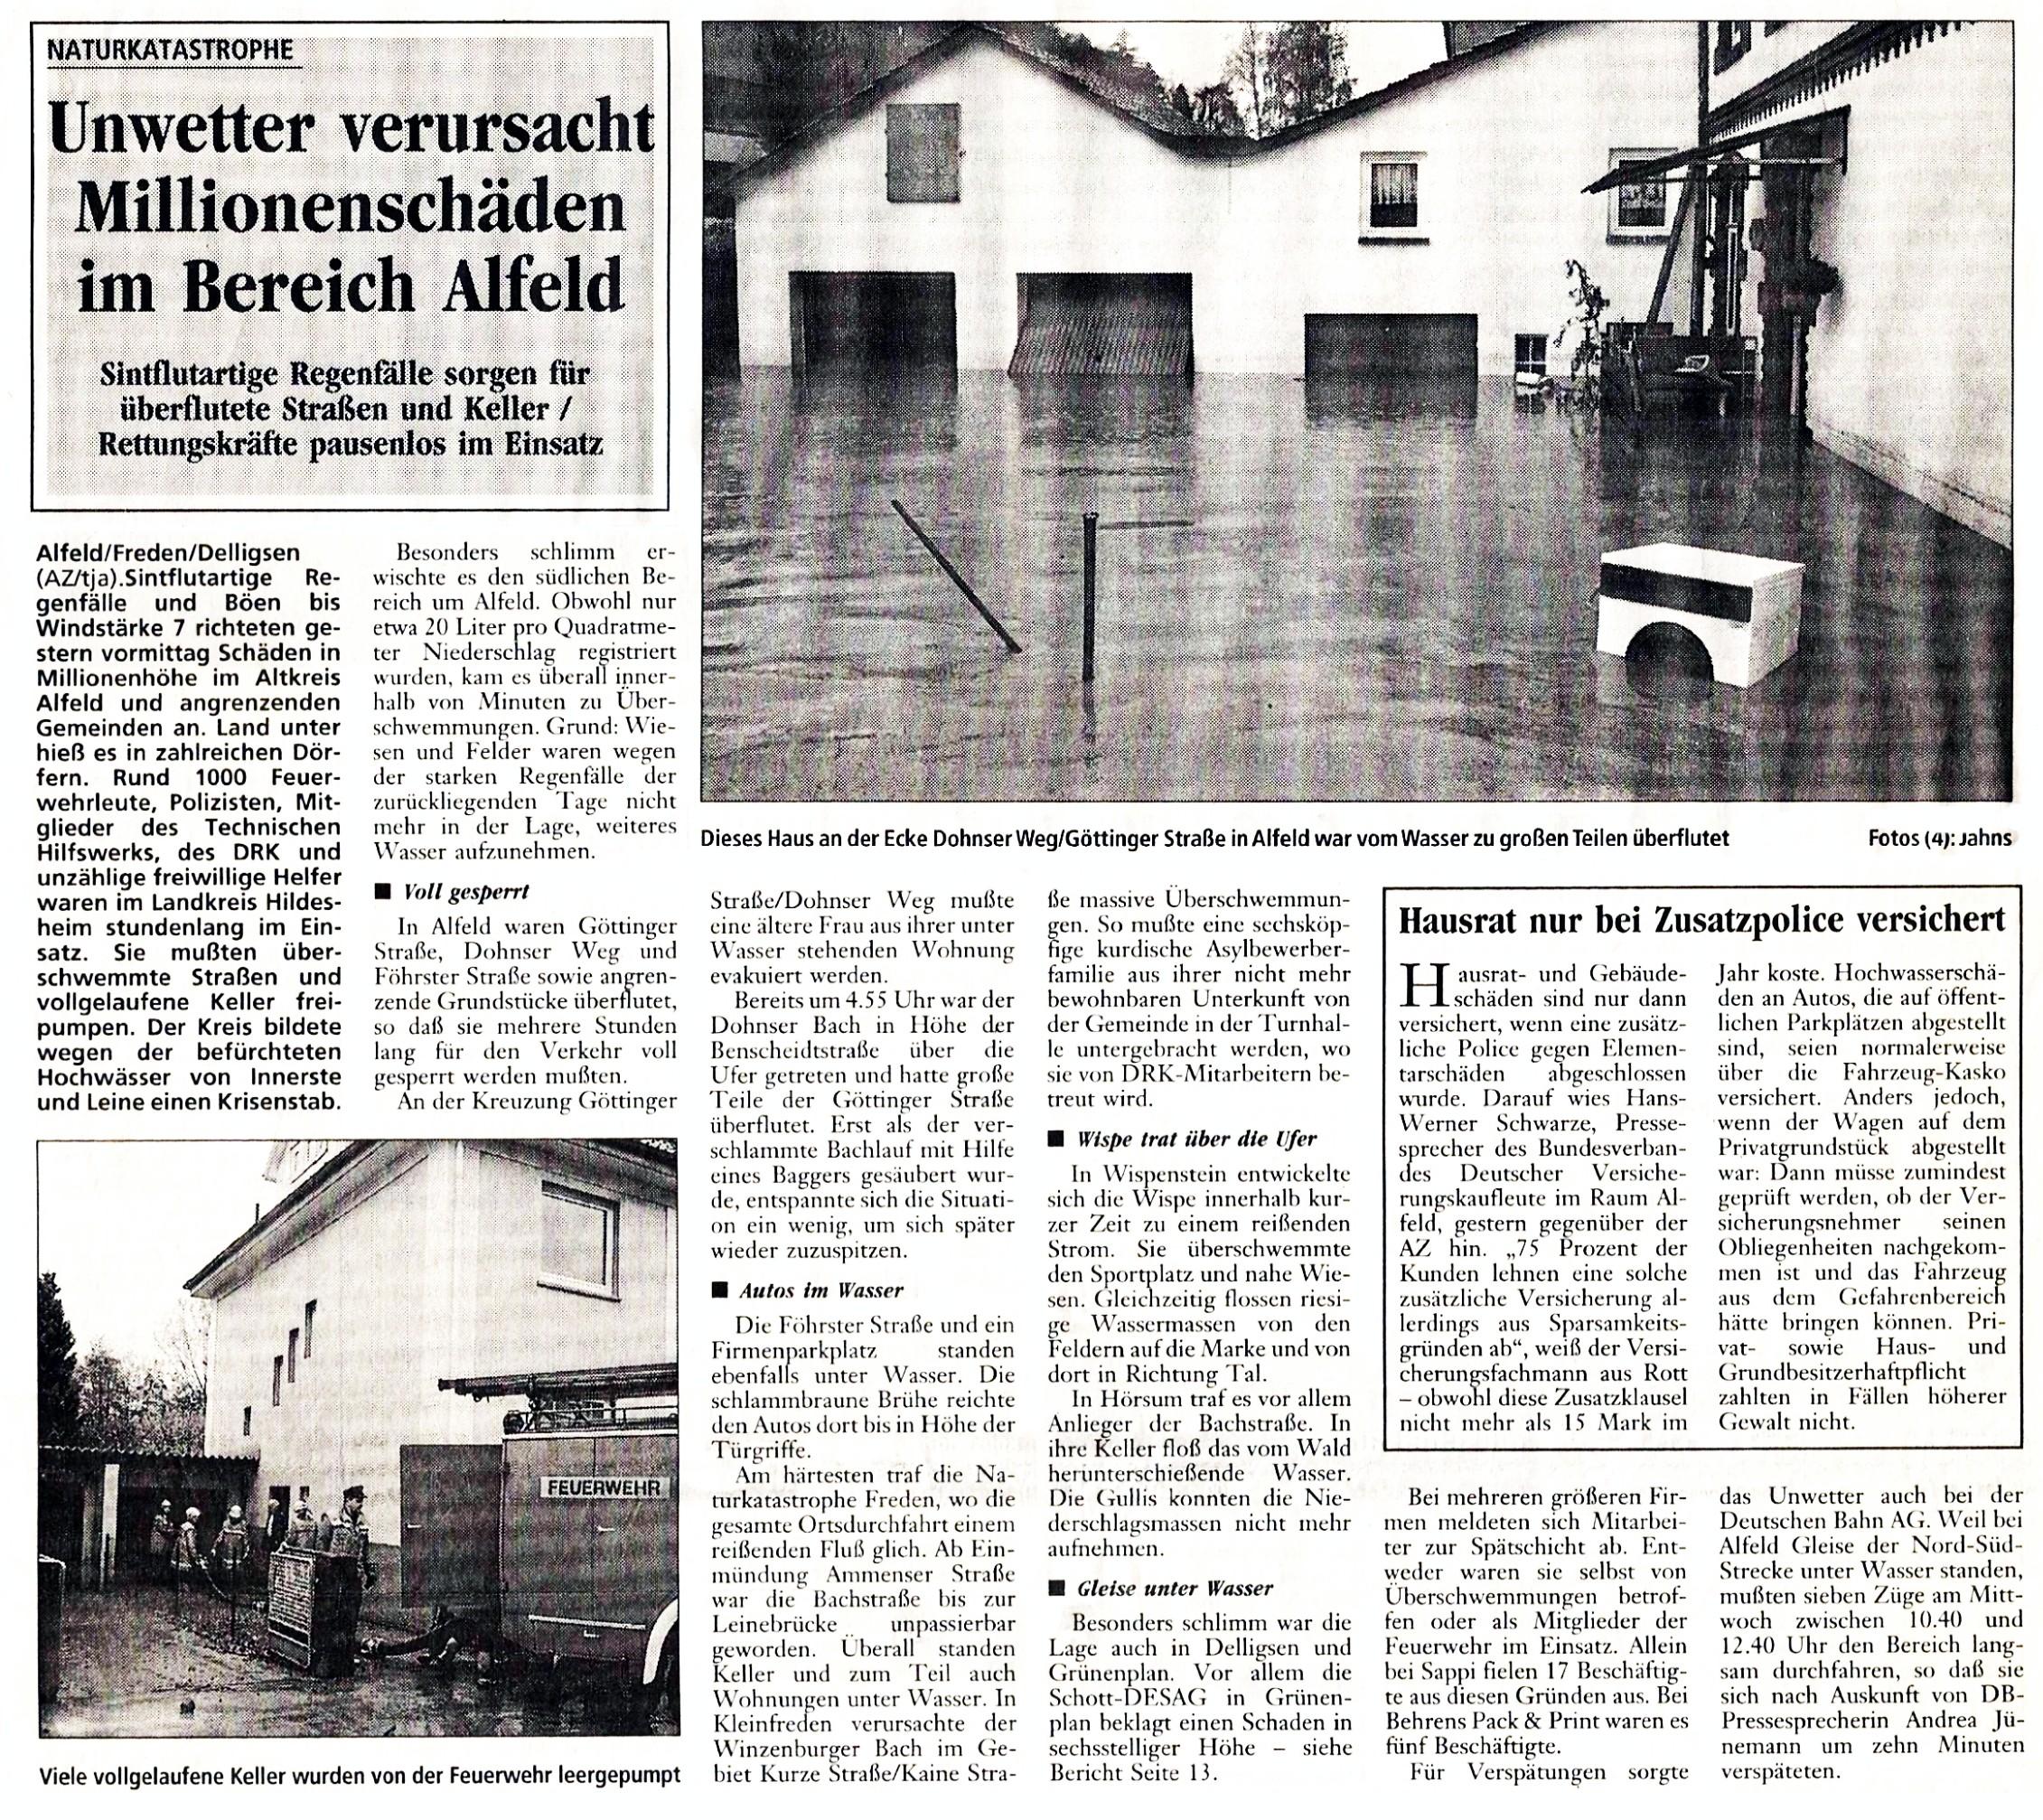 1998-10-29 Unwetter verursacht Millionenschäden